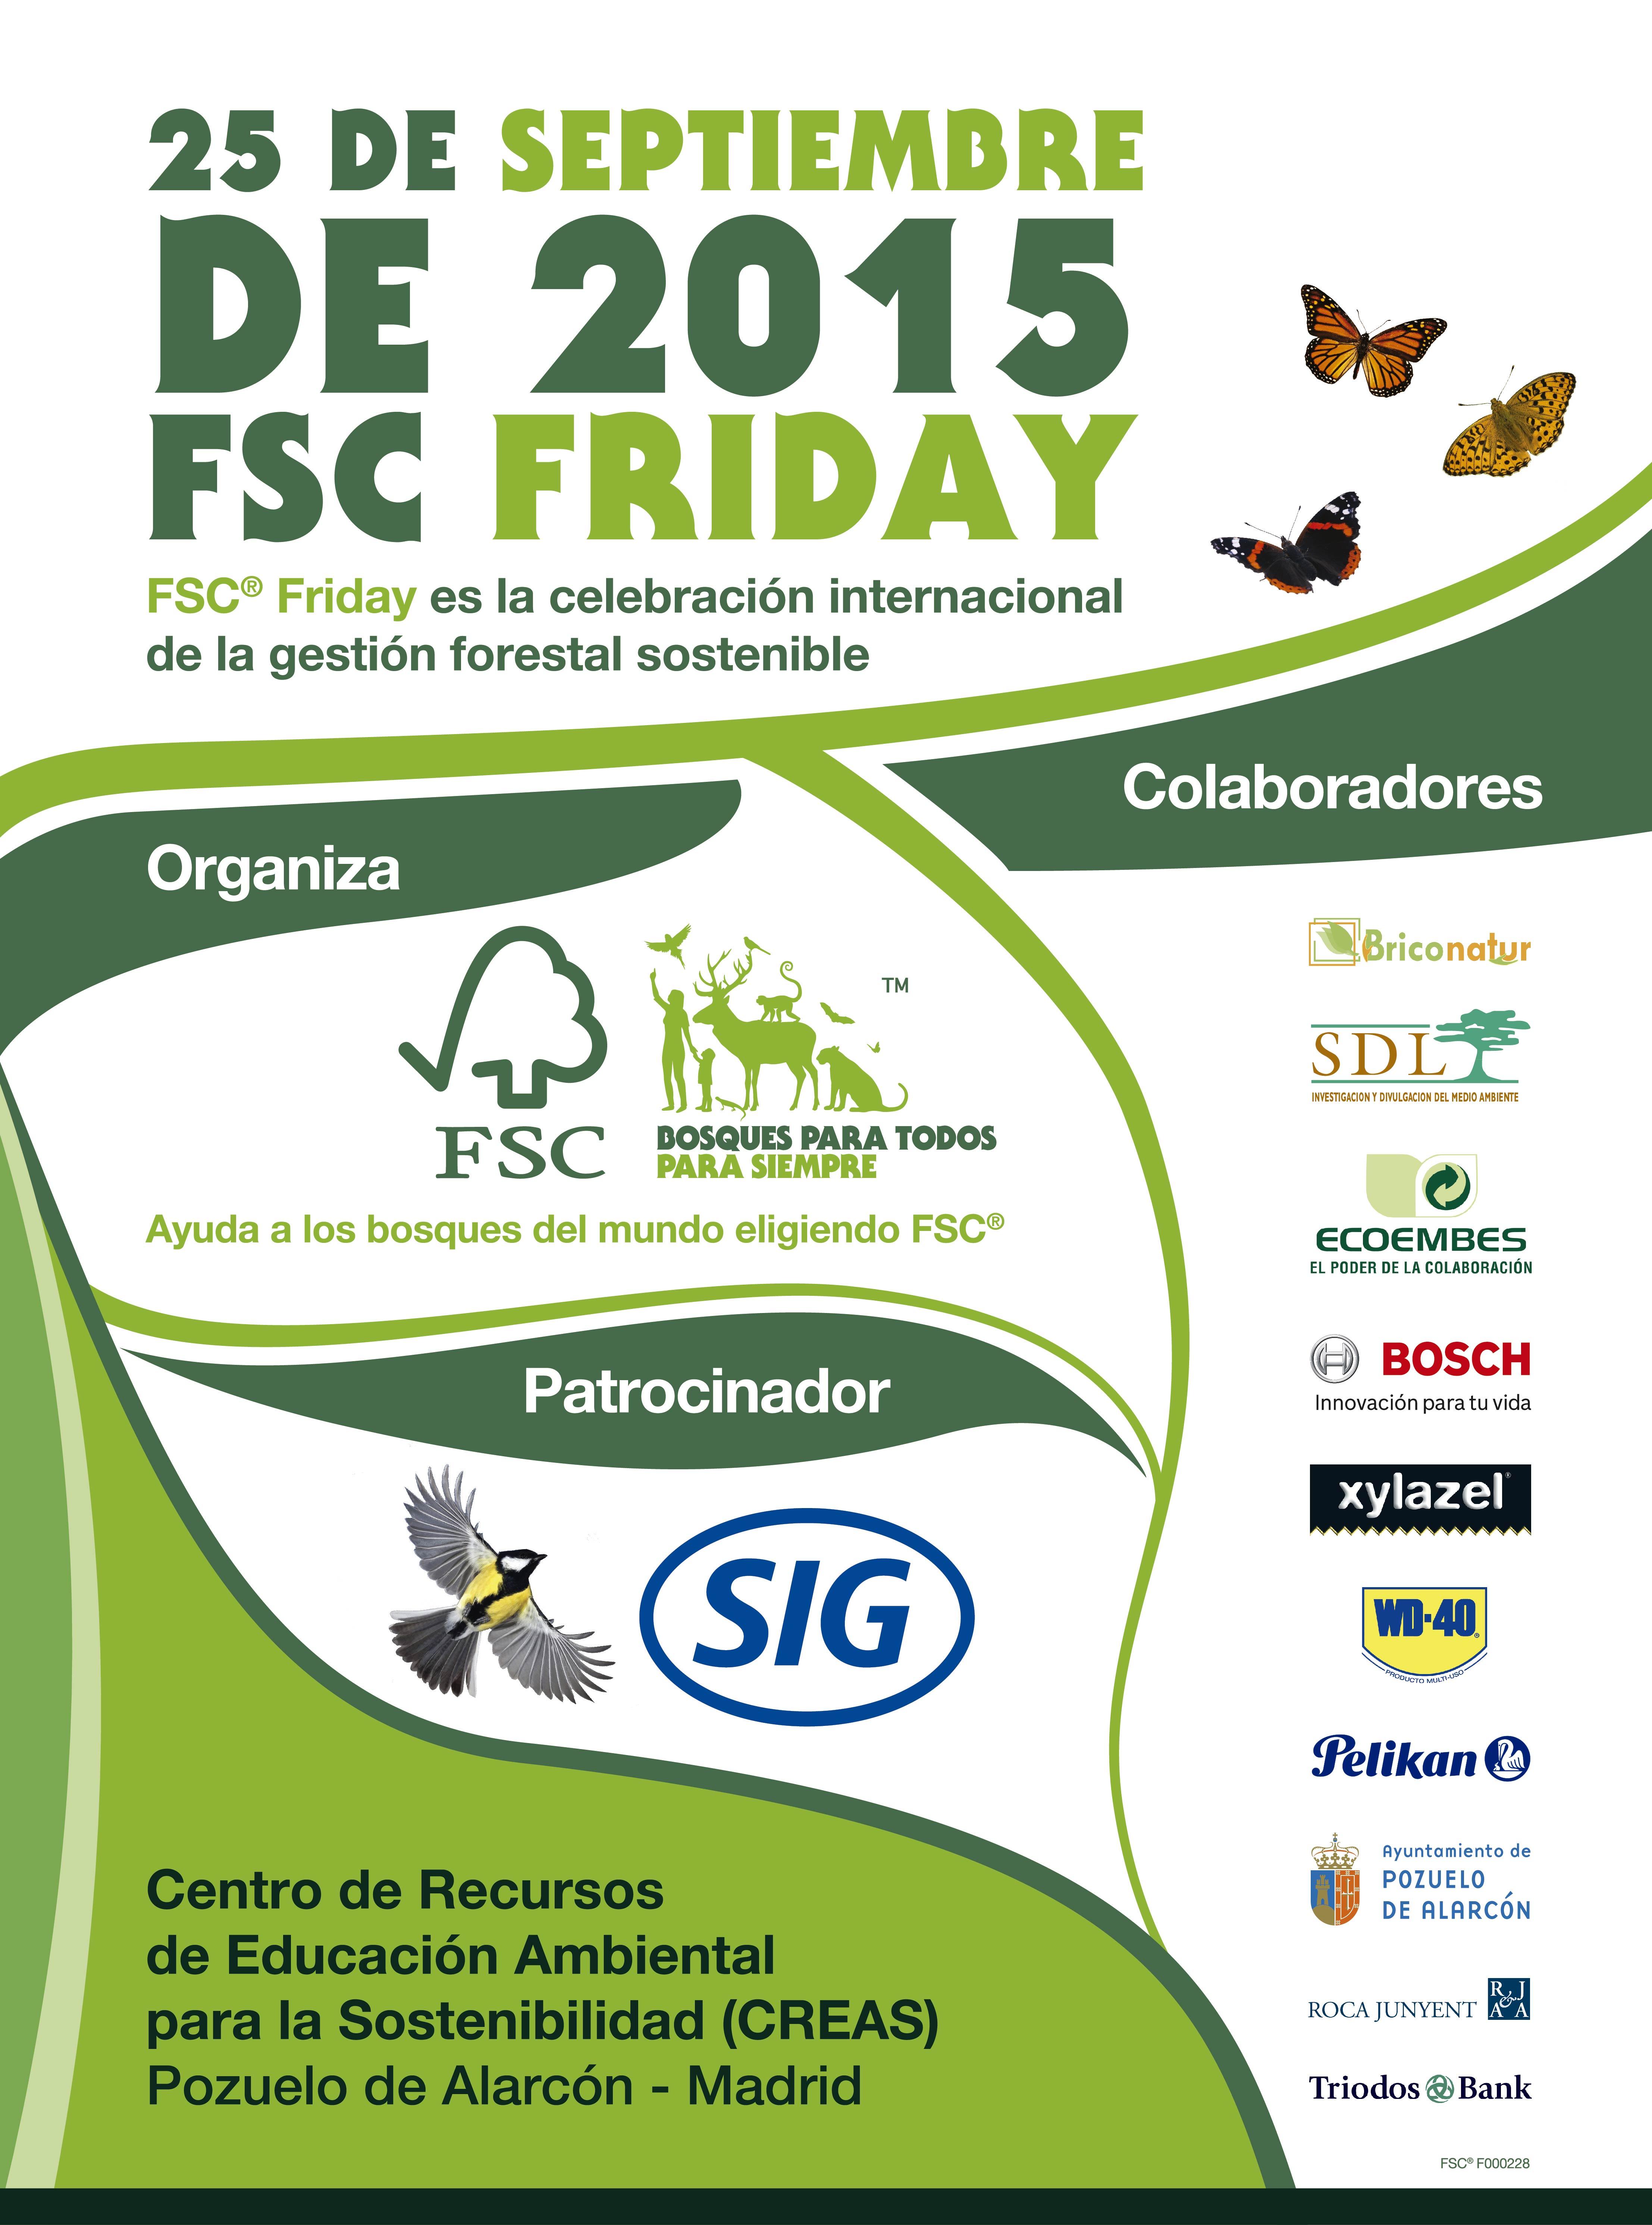 AF_FSC Friday_redes